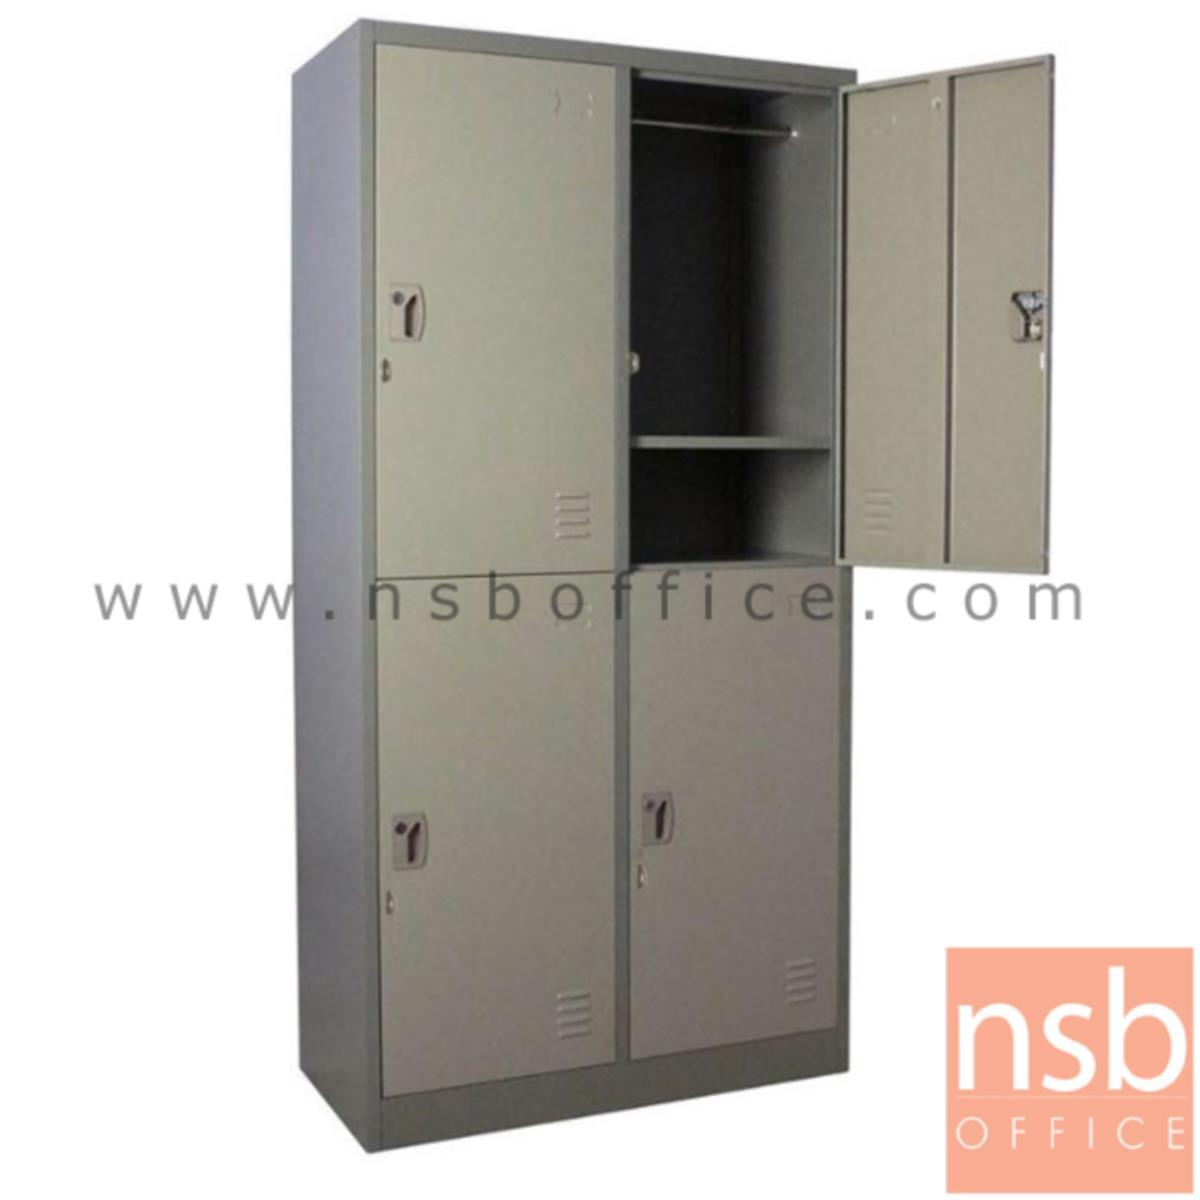 E08A015:ตู้ล็อกเกอร์ 4 ประตู 91W*45D*182H cm  (สำหรับ 4 คน)